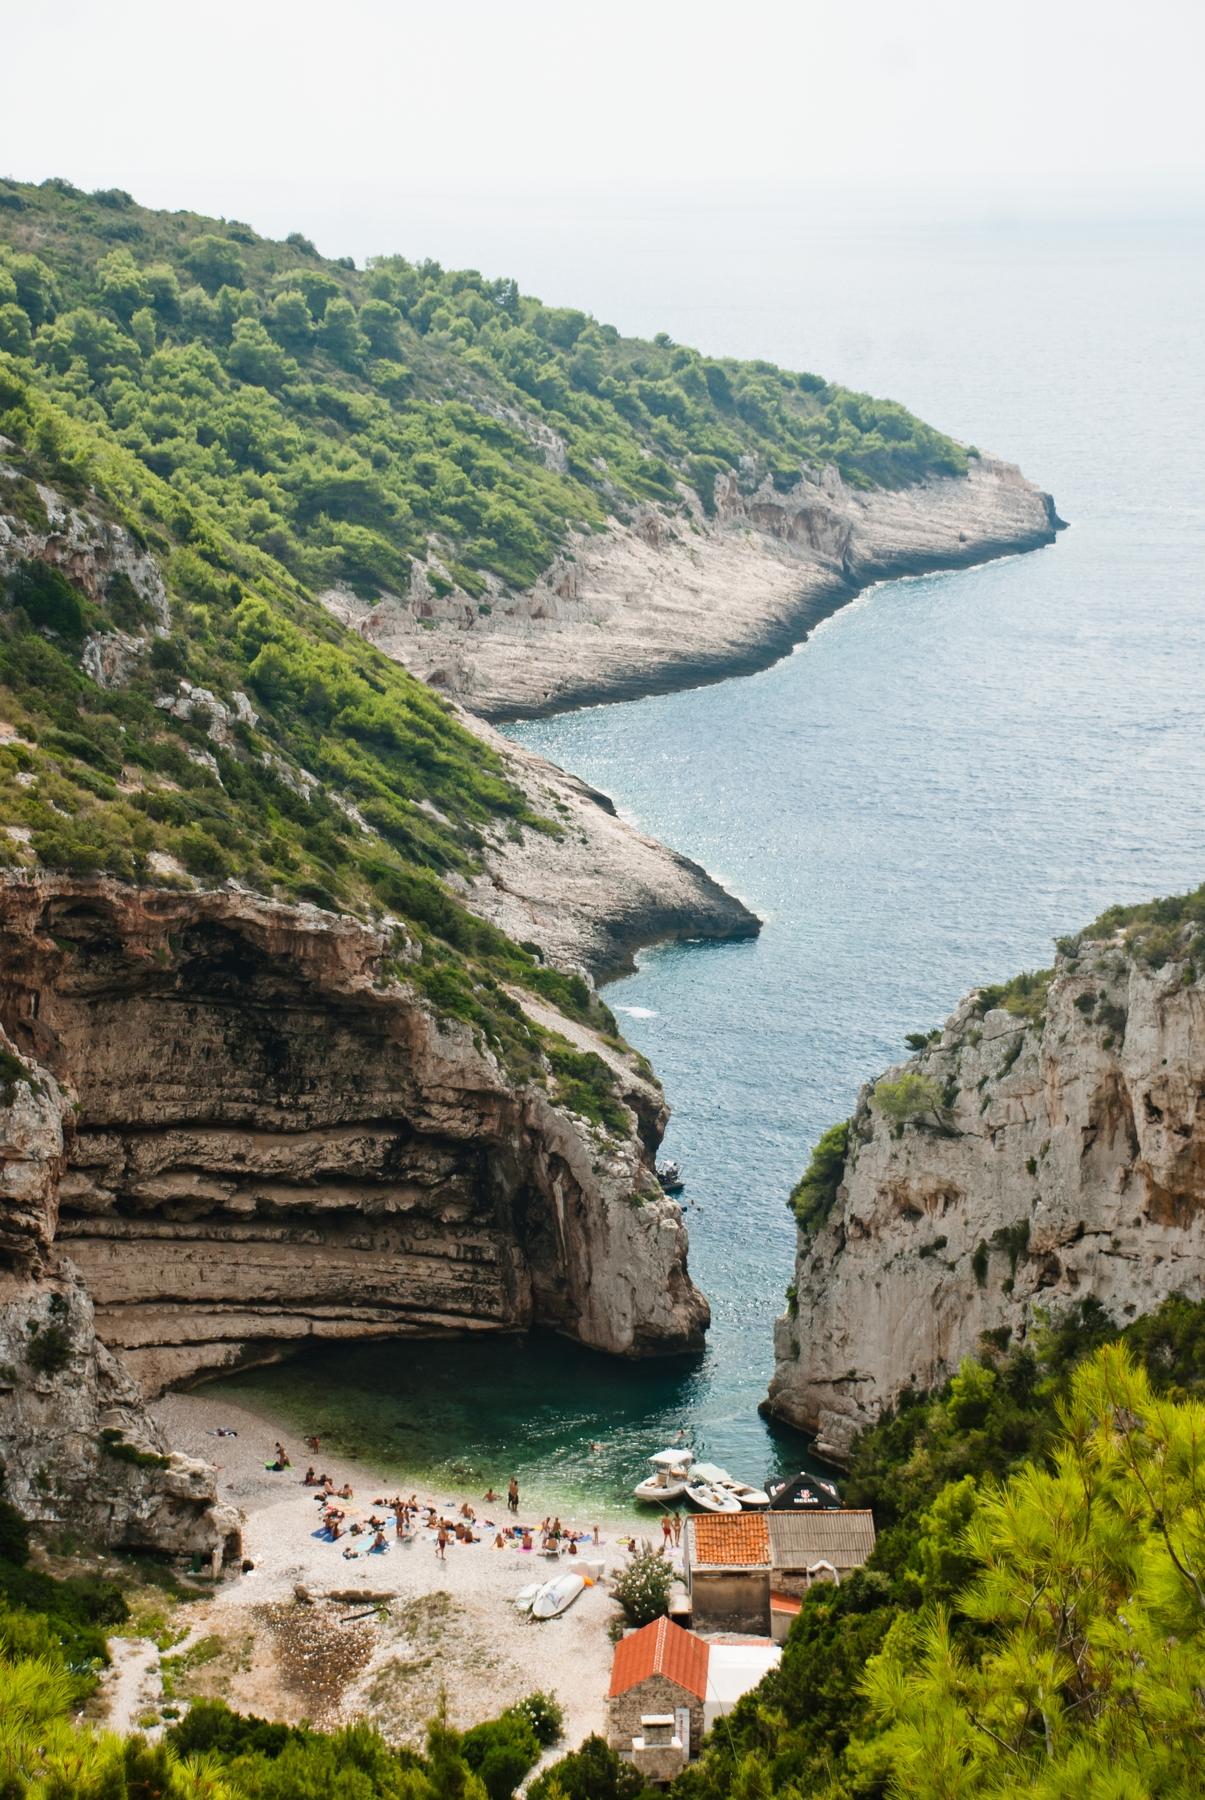 Το Vis είναι το σινεματικό νησί της Αδριατικής, που αντικατέστησε τη Σκόπελο στο Mamma Mia 2.